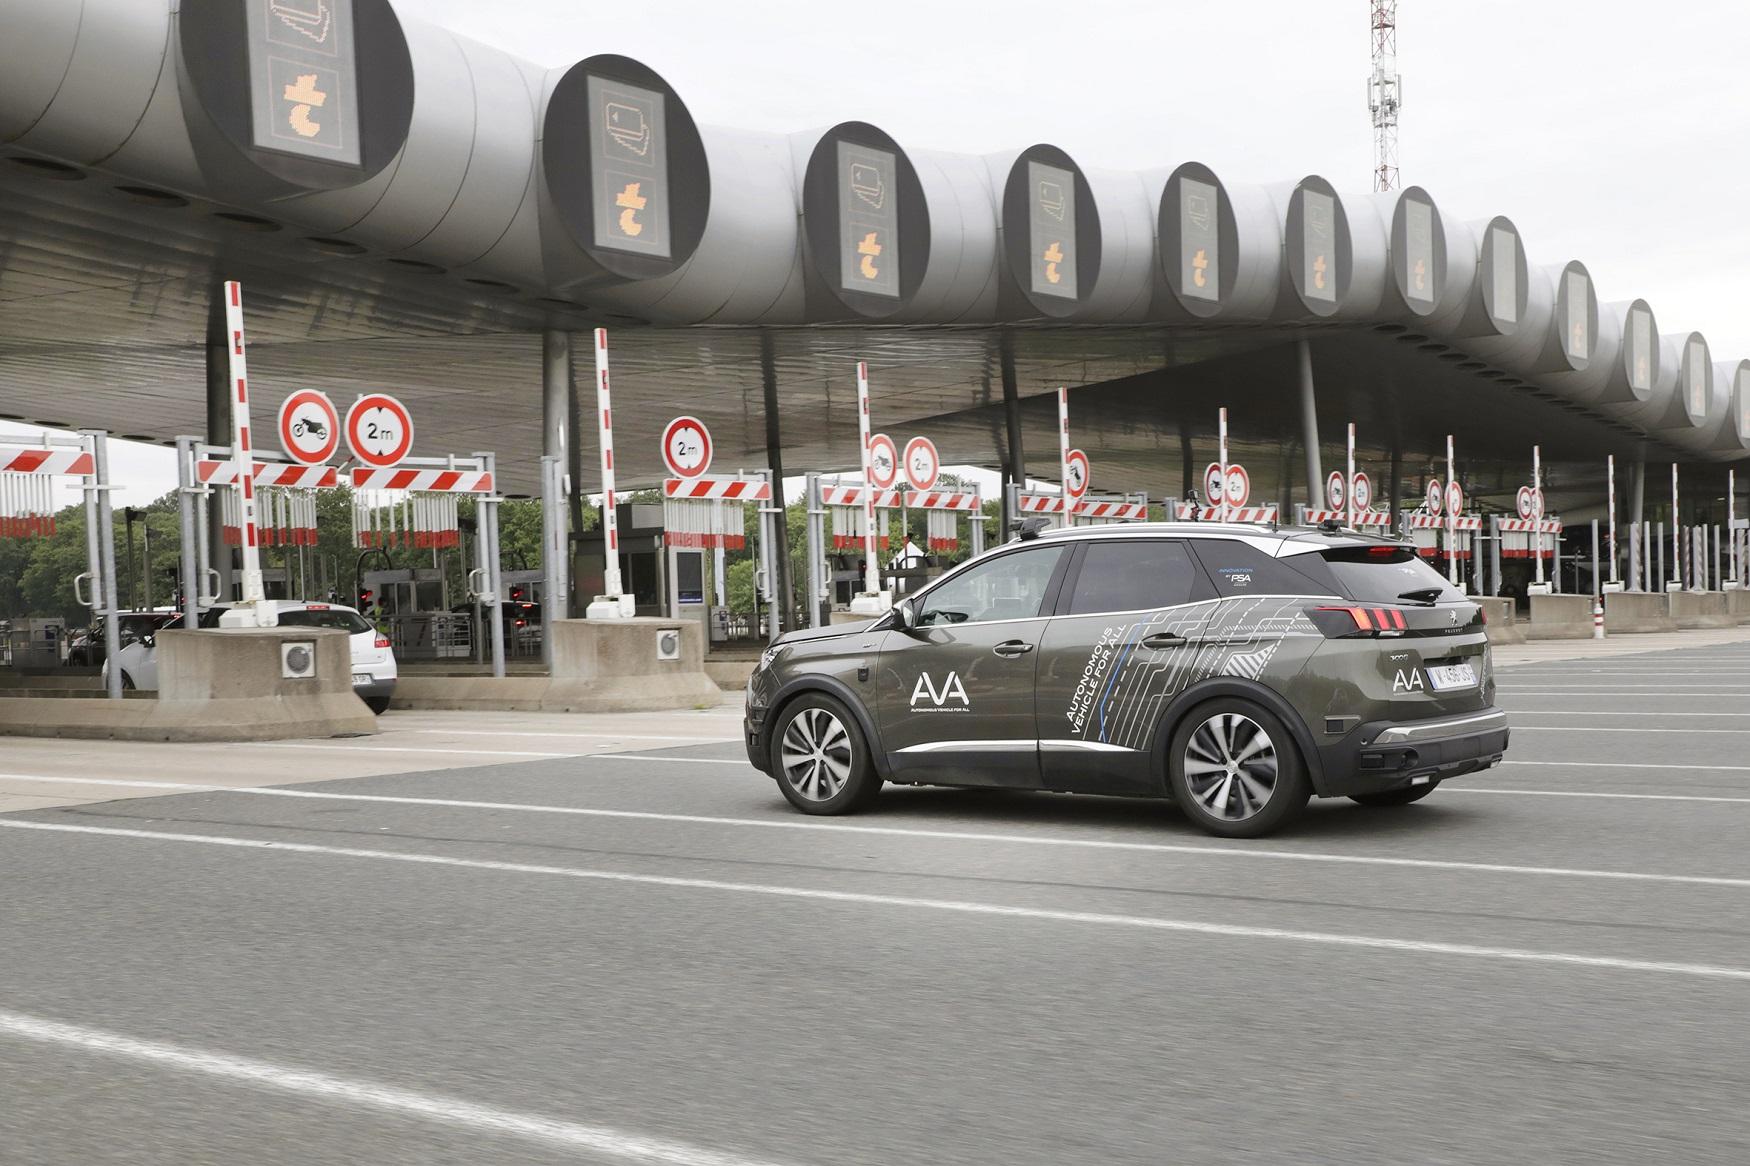 PSA Group e Vinci Autoroutes caminham rumo à mobilidade autónoma